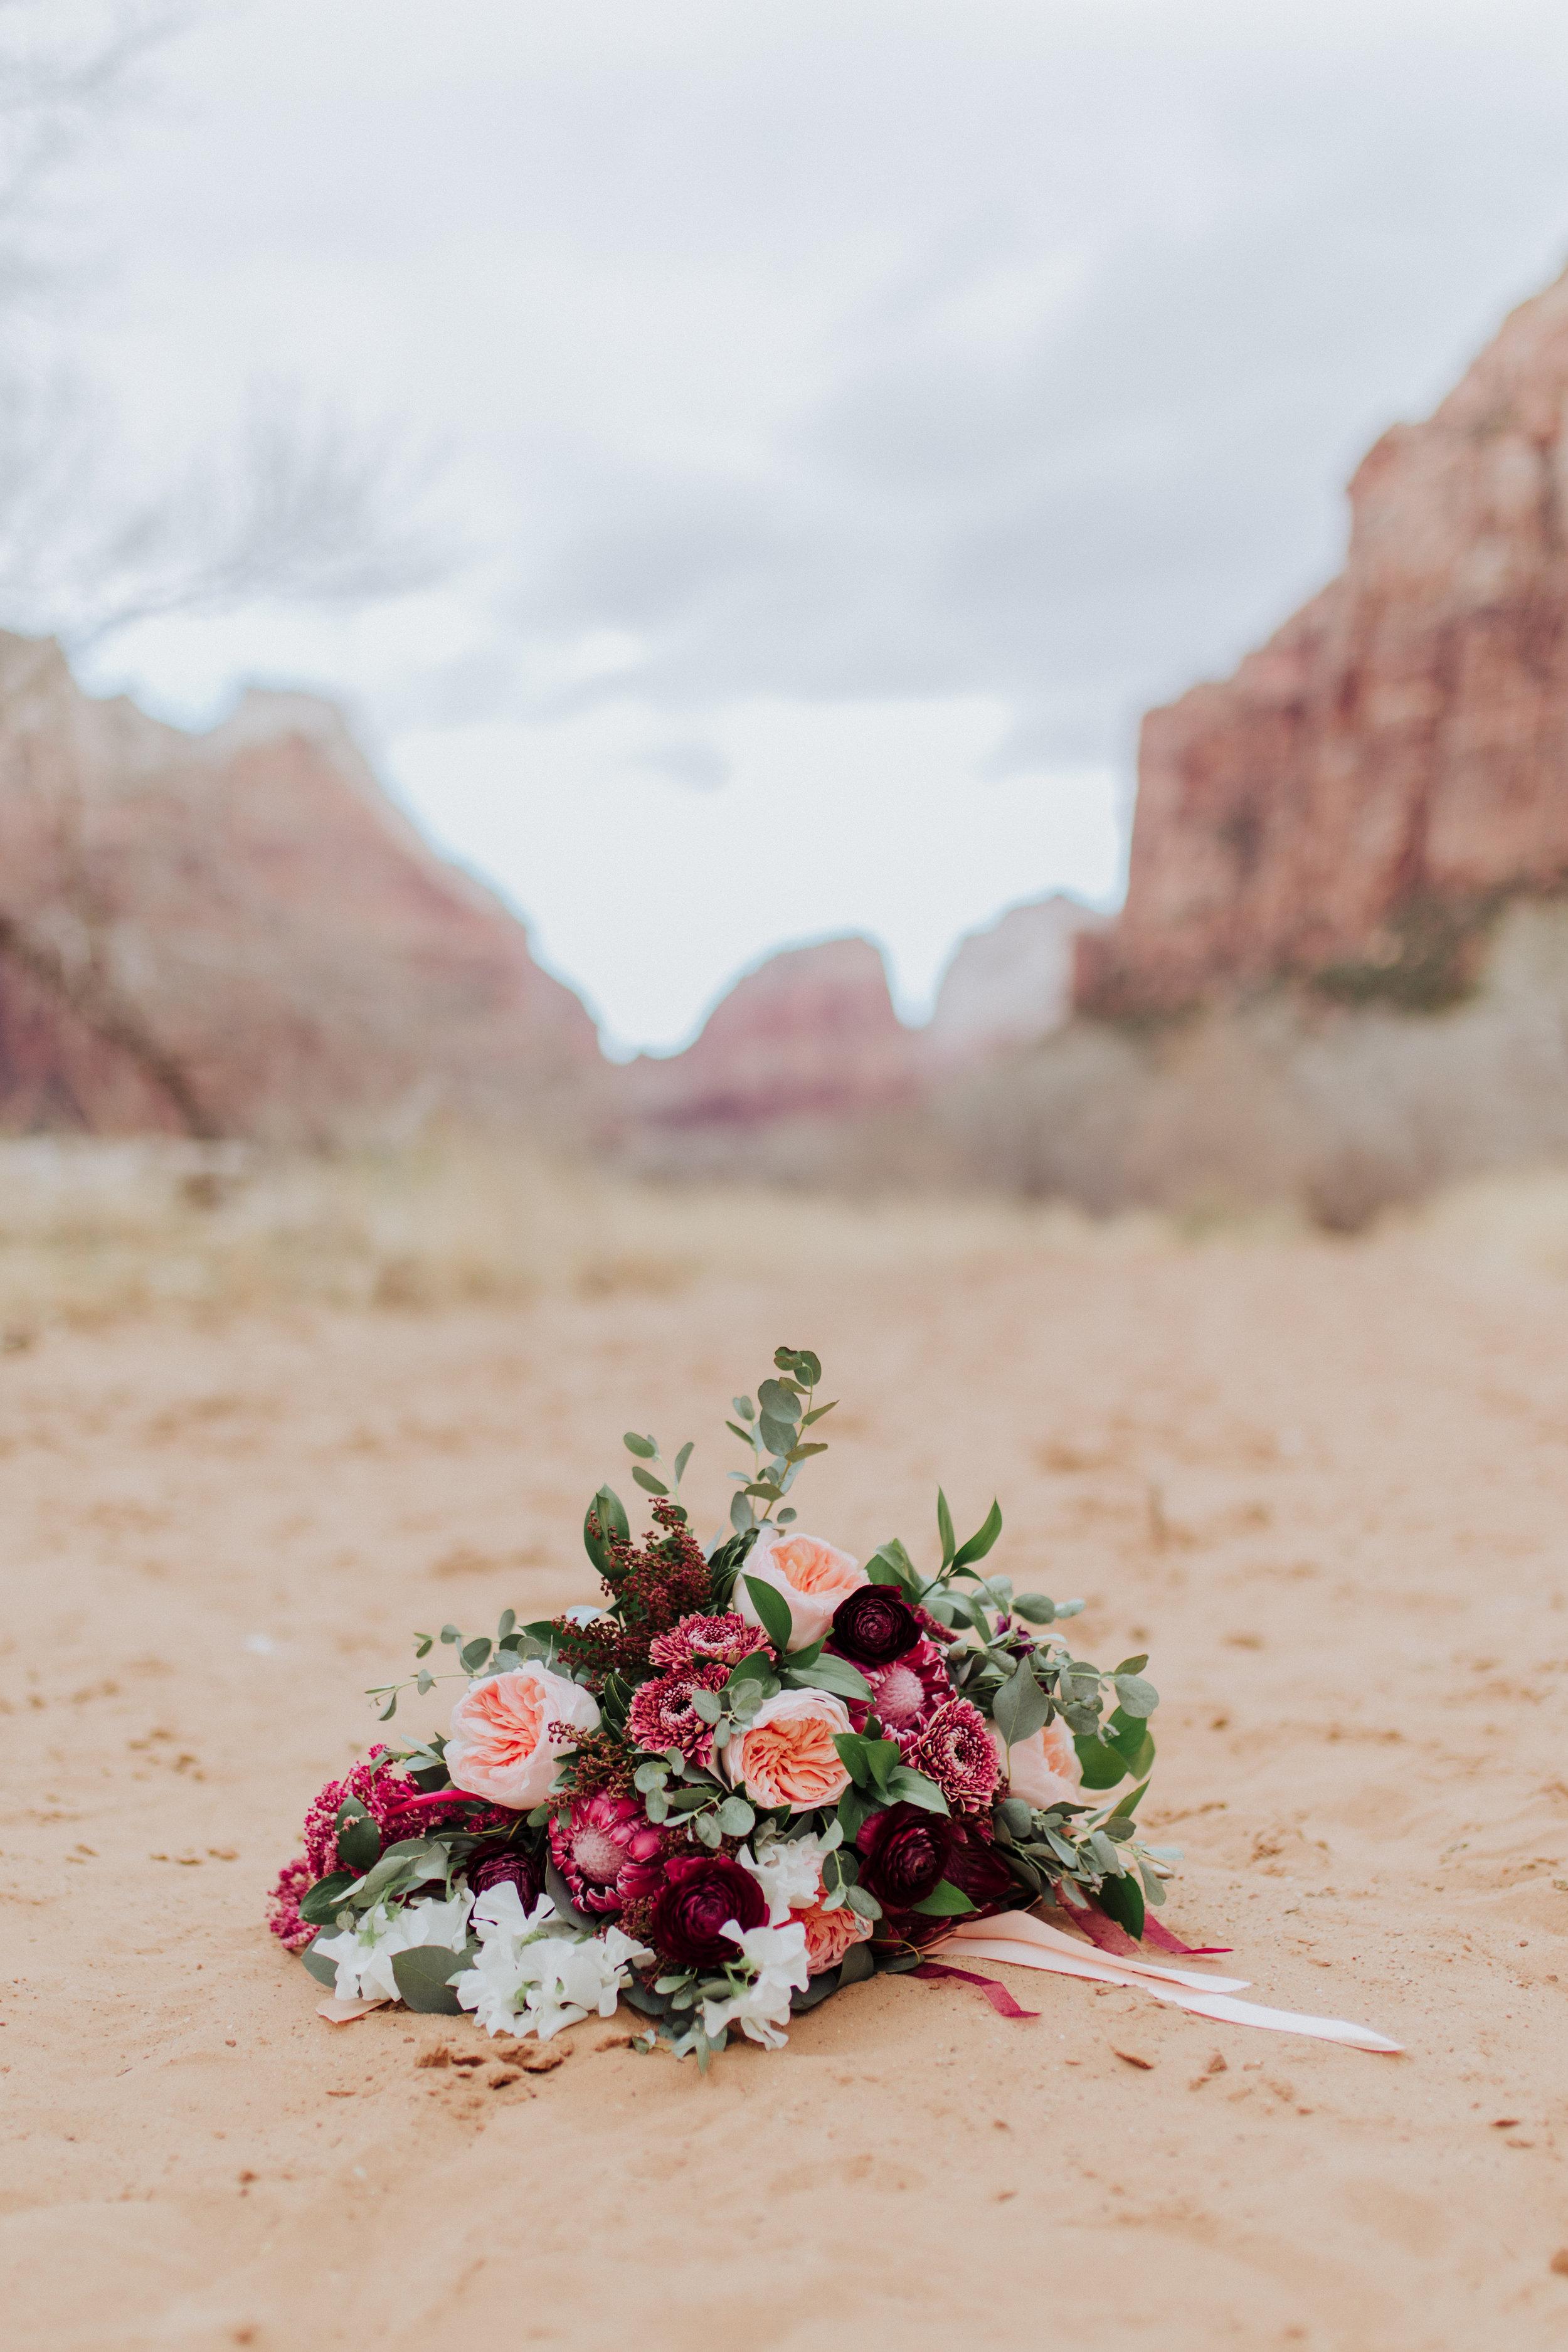 zion valentines shoot-45.jpg